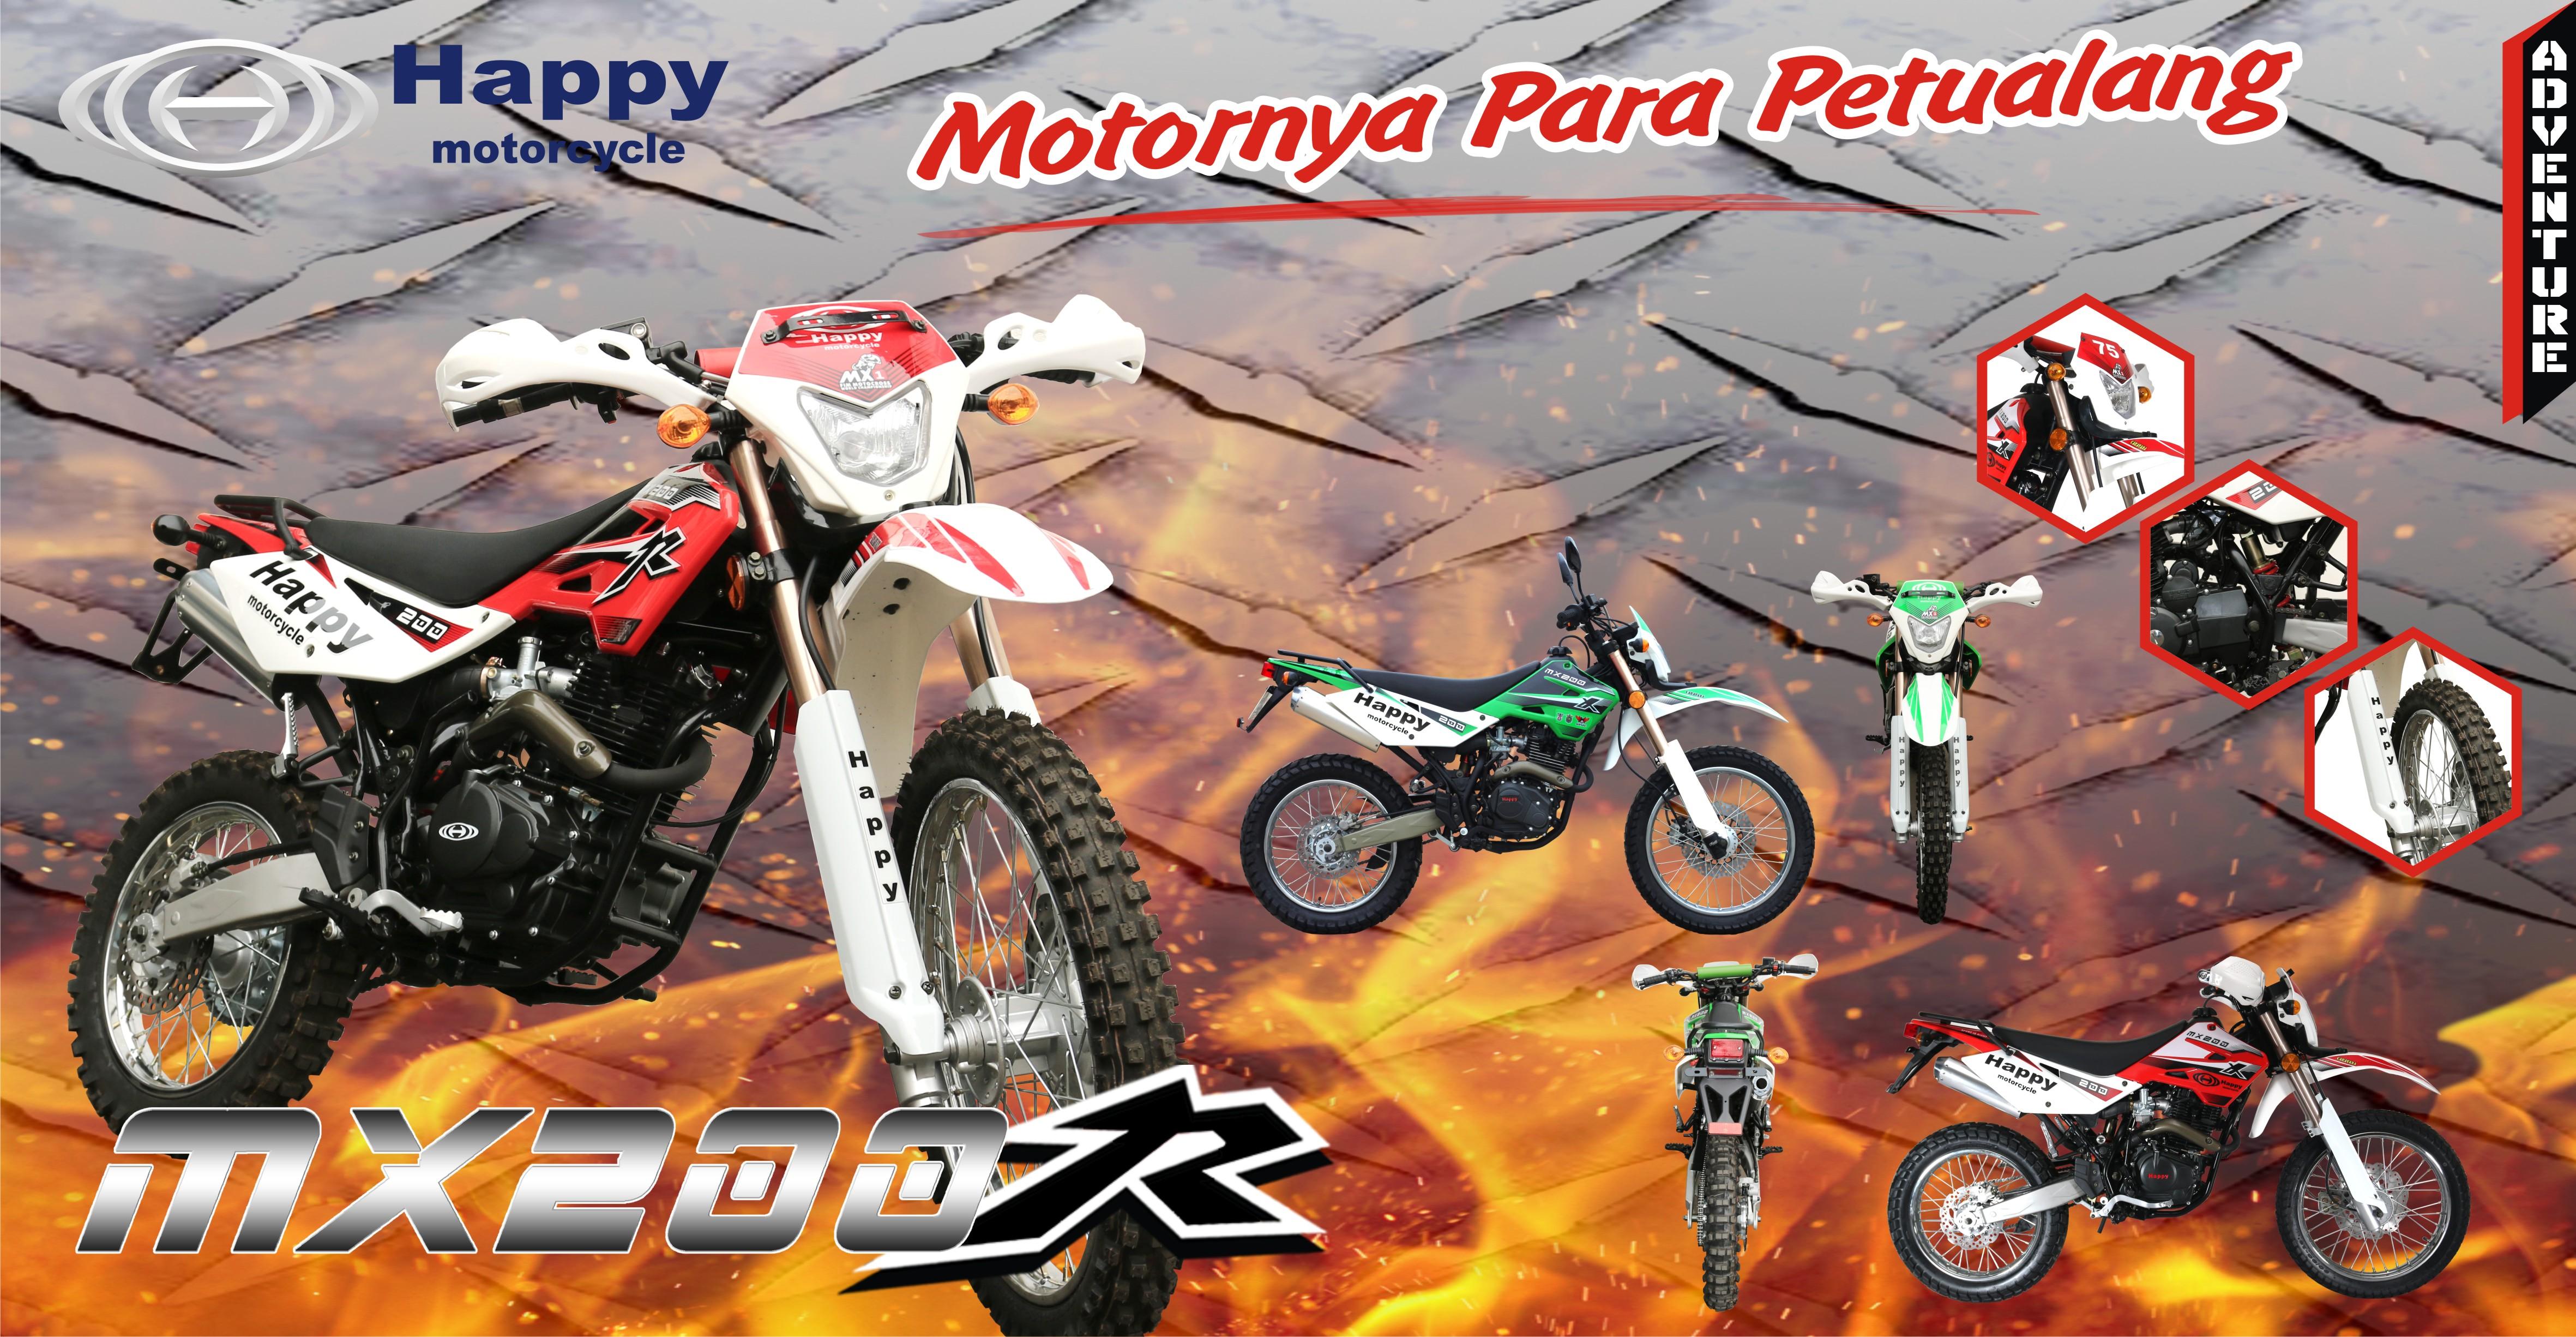 MX200R(1)